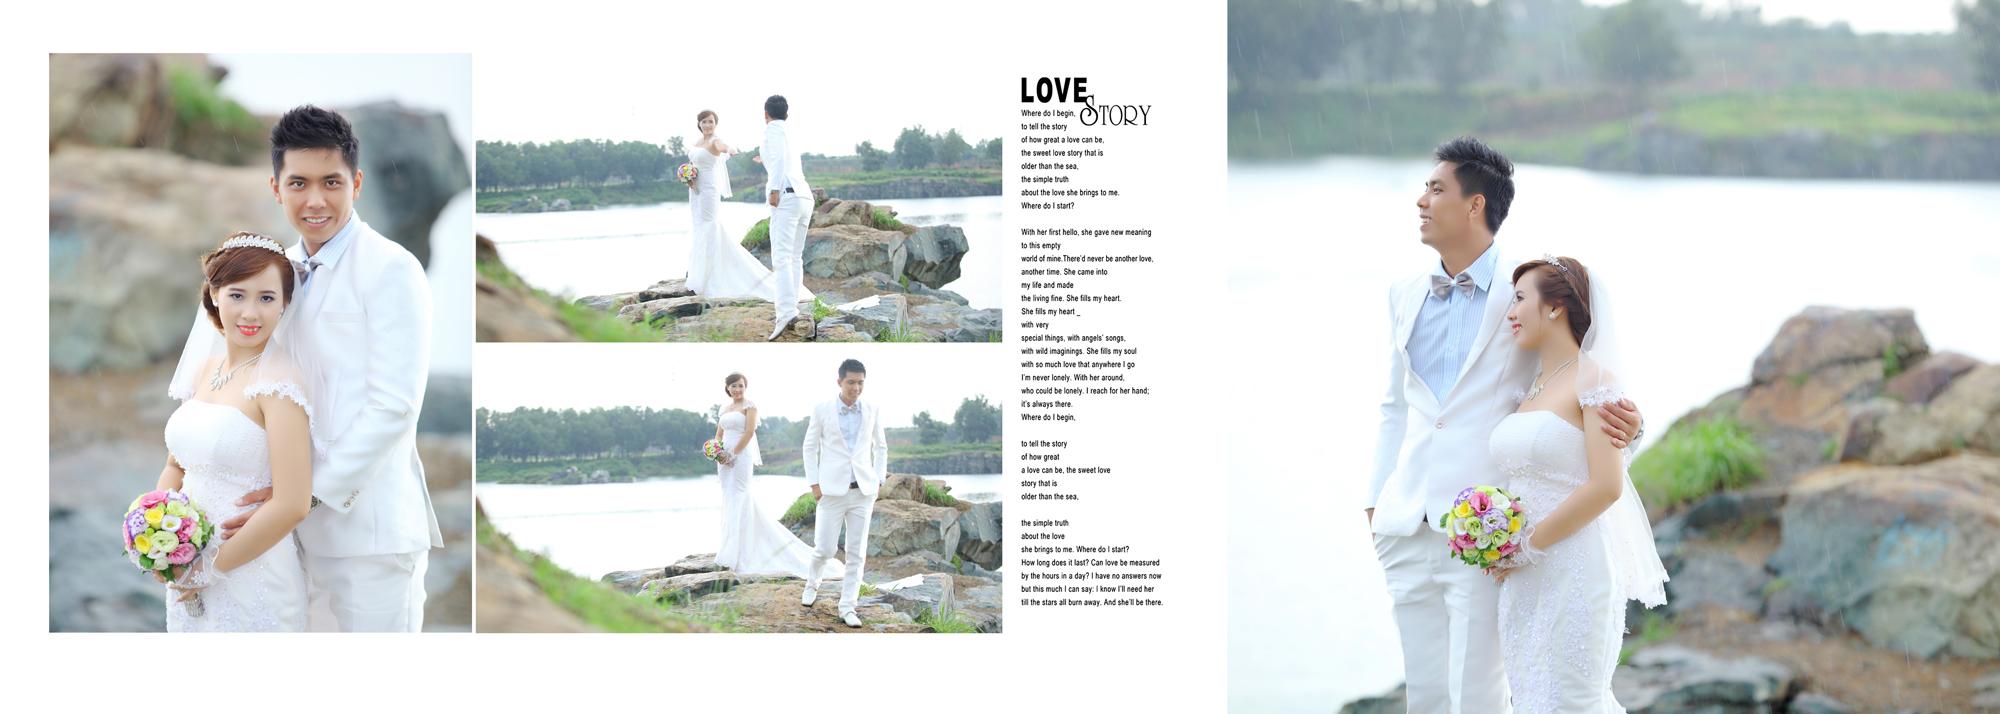 Album chụp hình cưới Quang và Thủy 11